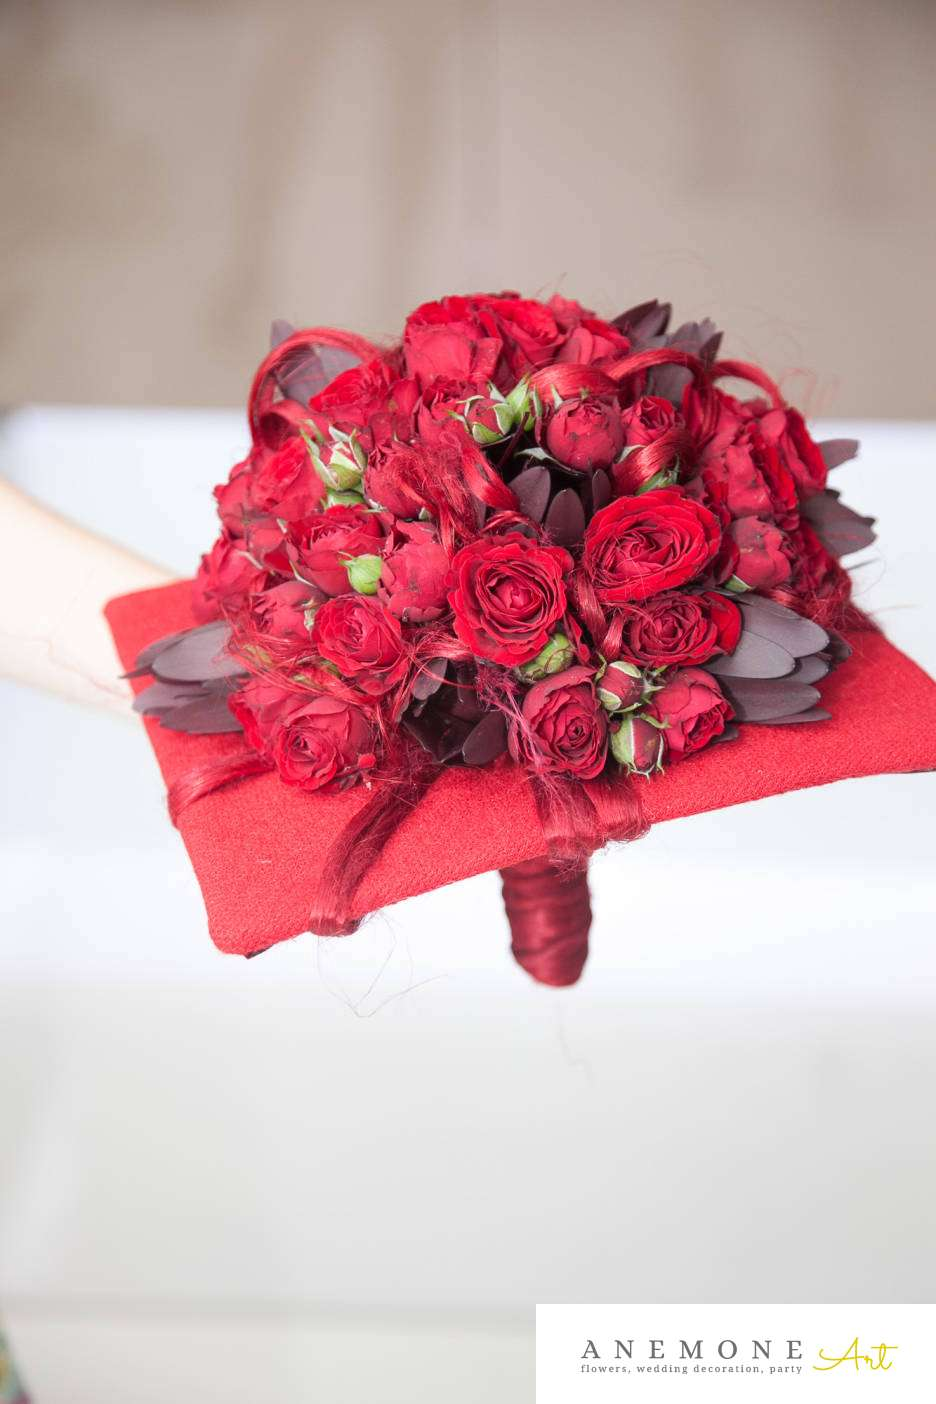 Poza, foto cu Flori de nunta buchet mireasa, patrat, rosu, visiniu in Arad, Timisoara, Oradea (wedding flowers, bouquets) nunta Arad, Timisoara, Oradea